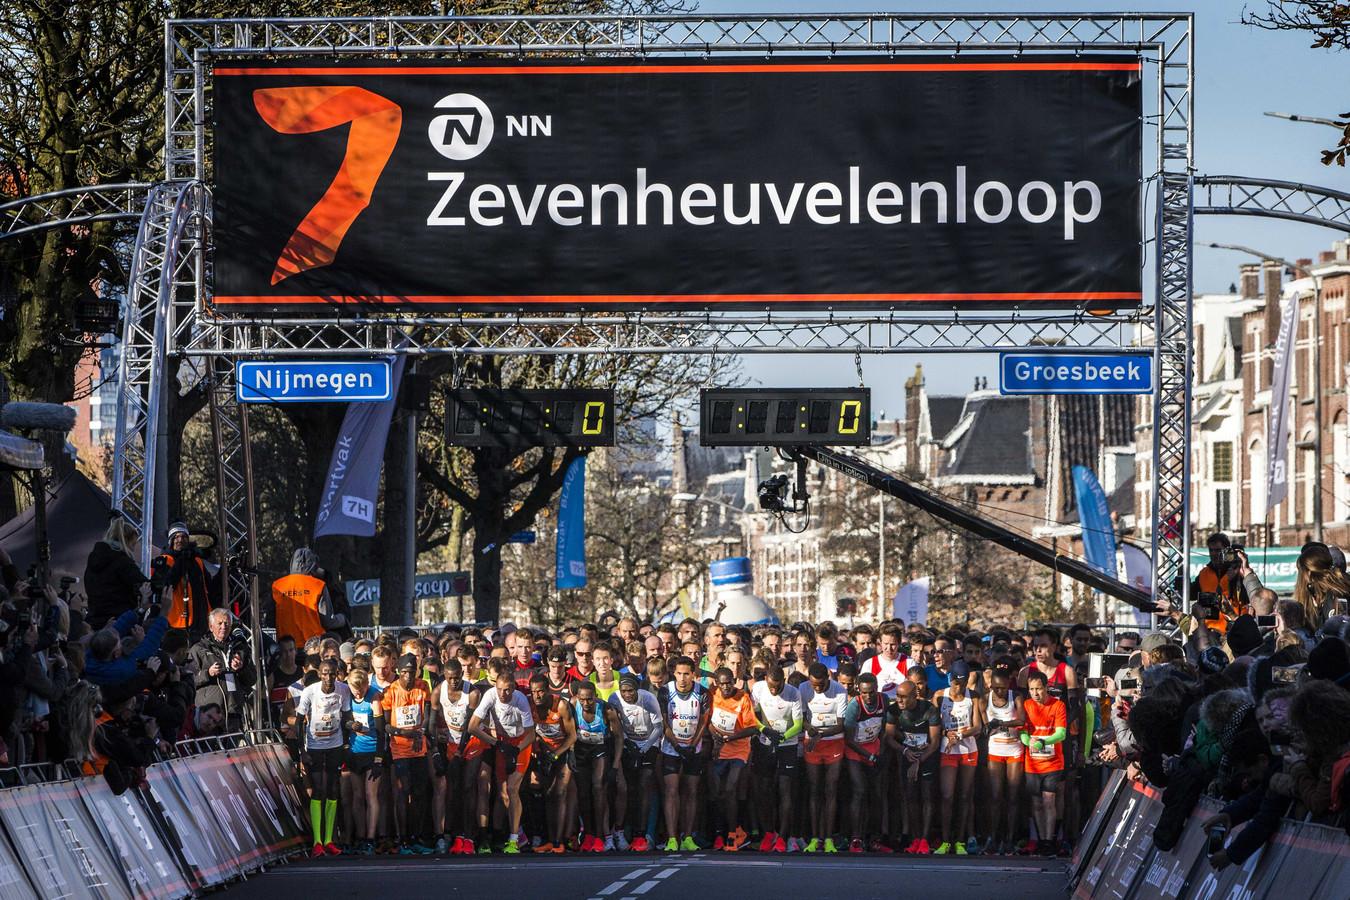 Sfeerbeeld van de start van de Zevenheuvelenloop vorig jaar.  De najaarsklassieker is dit jaar ook decor van het eerste Nederlandse kampioenschap Running Blind.